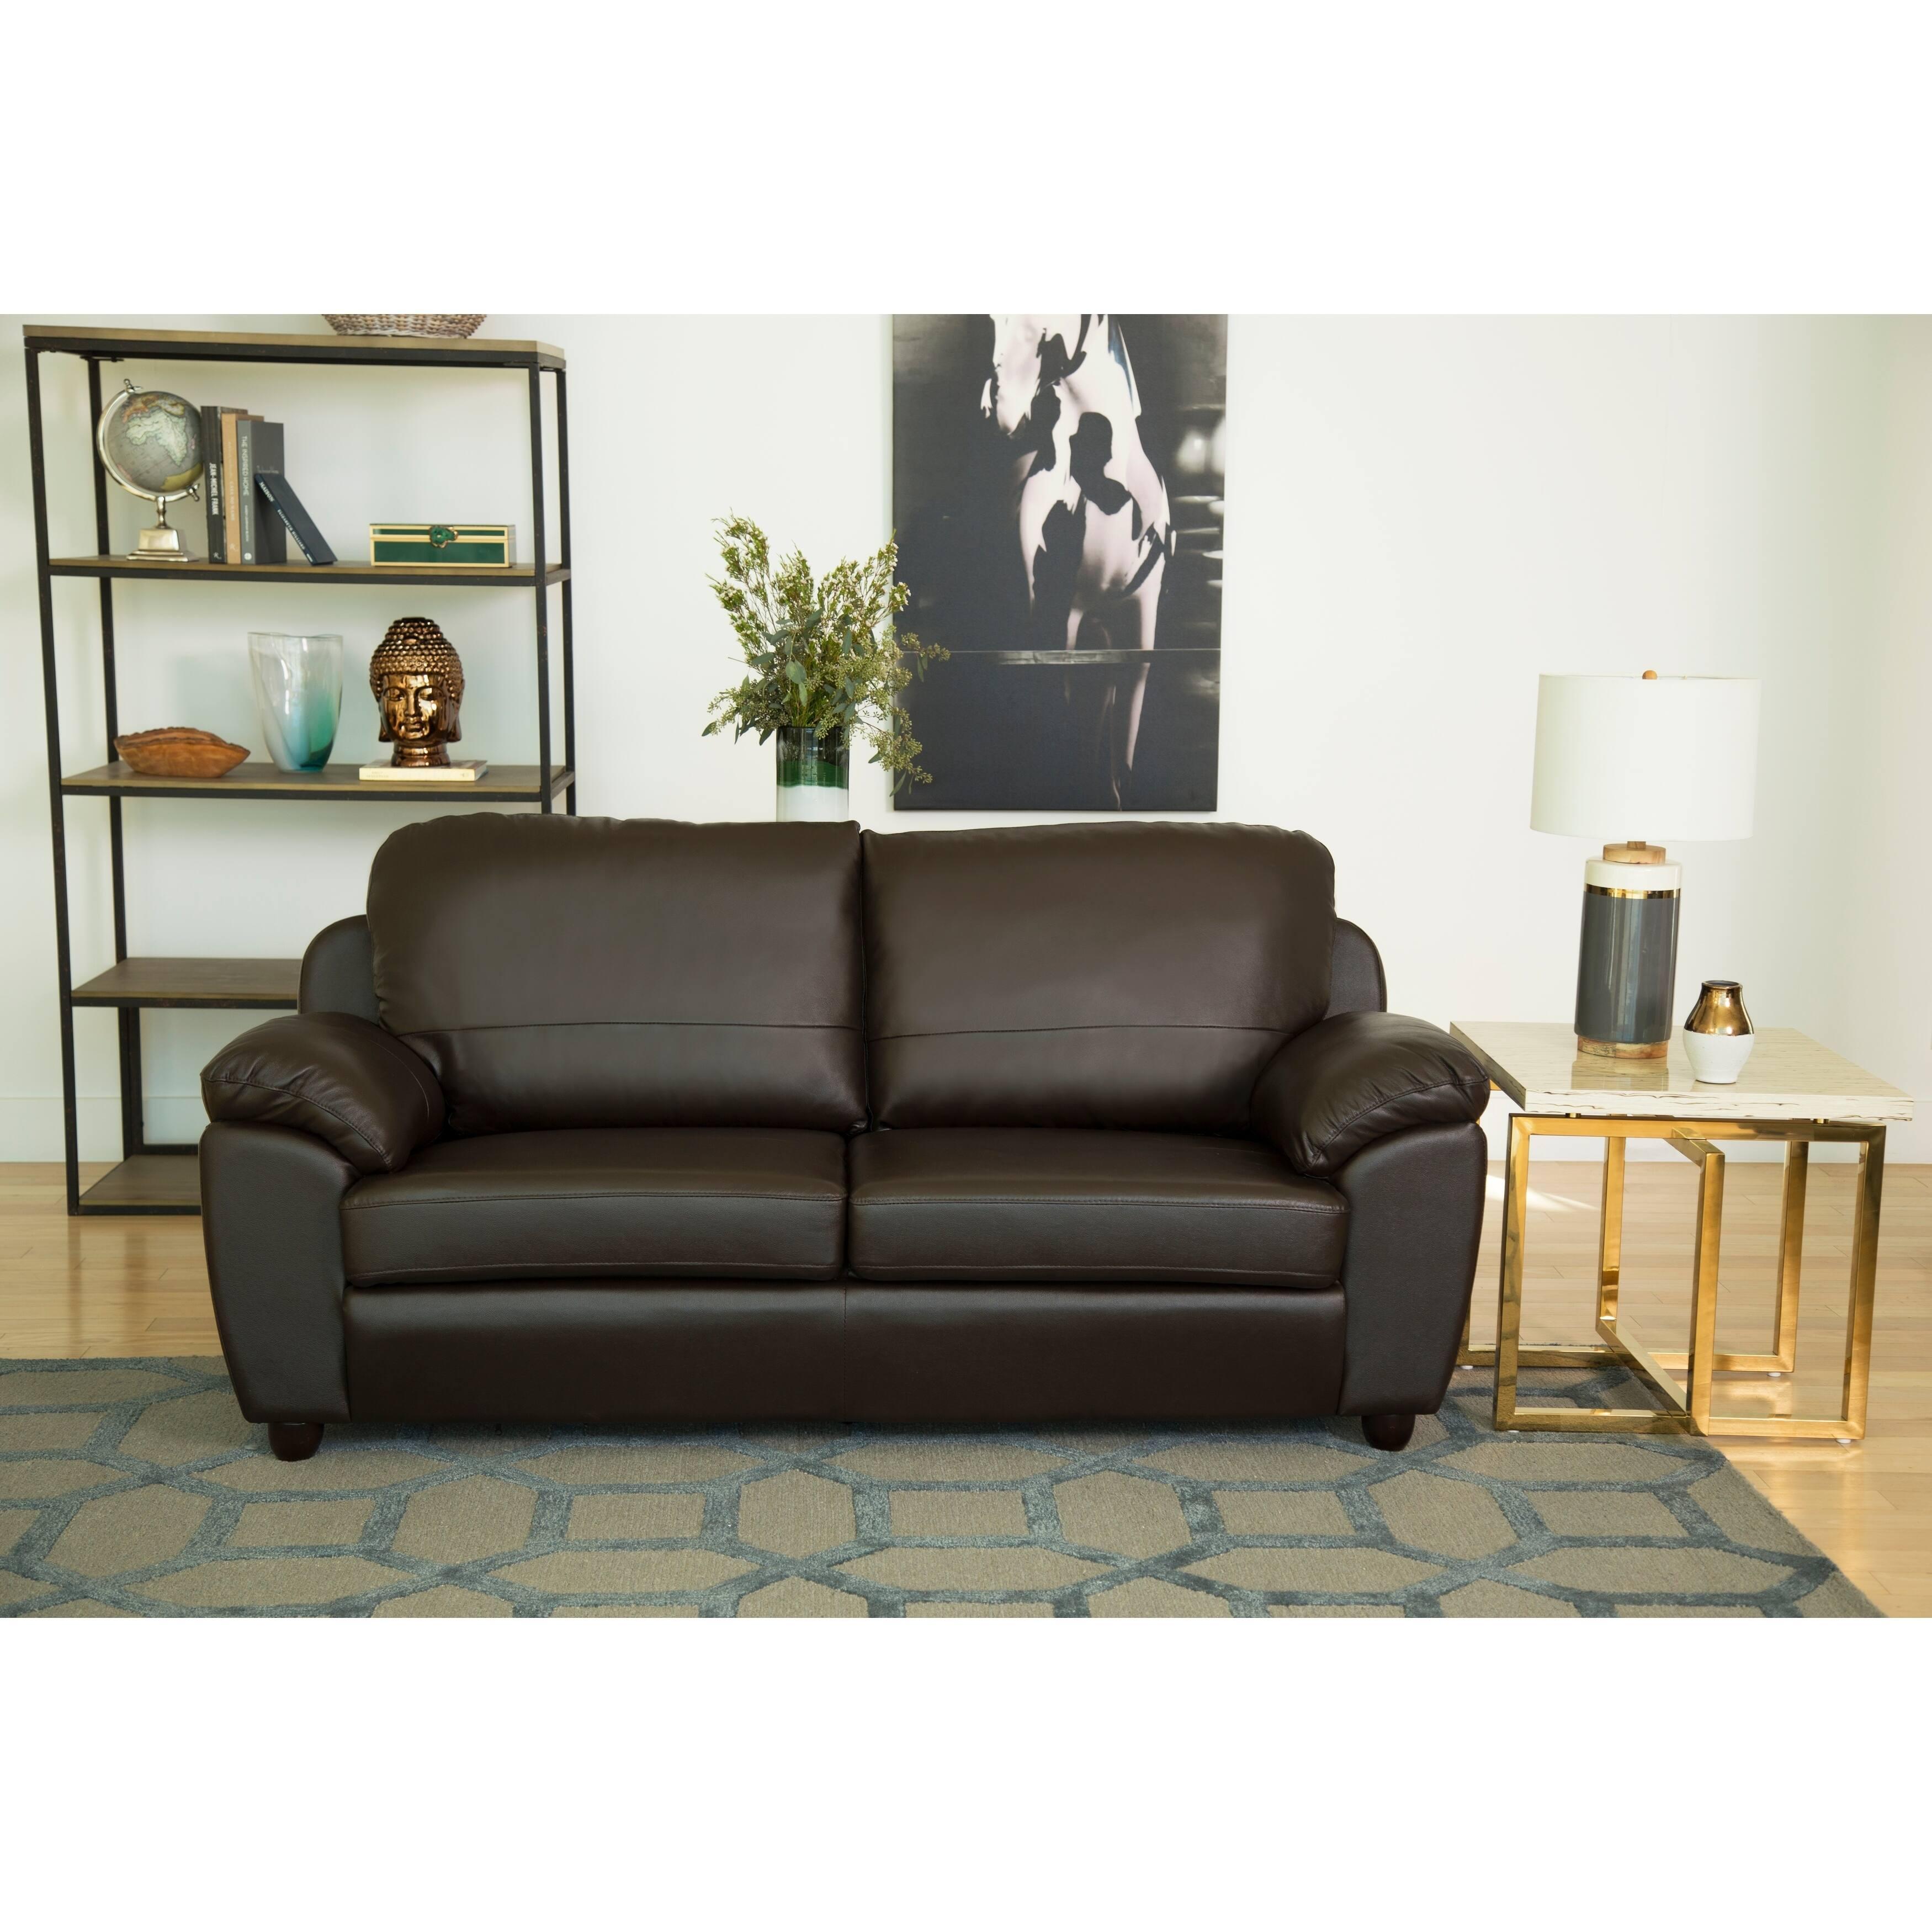 Best Deals On Living Room Furniture: Buy Living Room Furniture Sets Online At Overstock.com